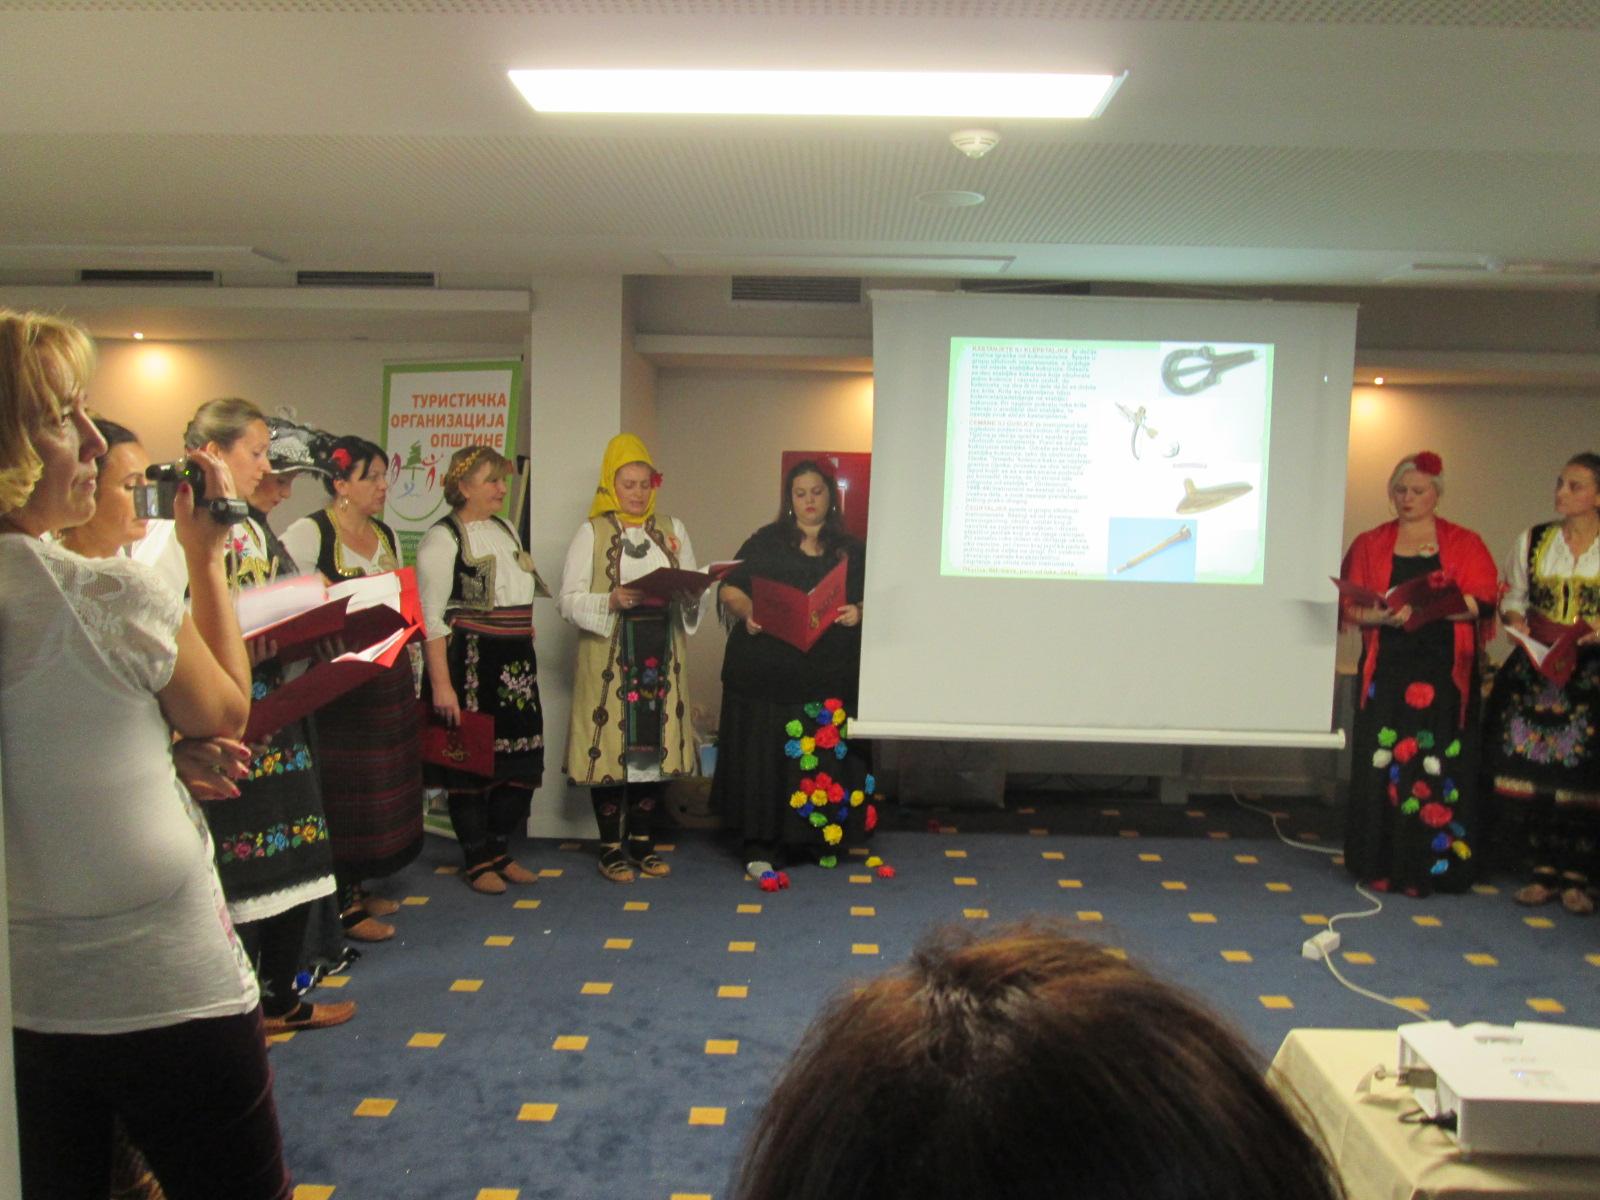 """Кучево и ПУ """"Лане"""" представљени на Међународној конференцији васпитача у Сарајеву"""